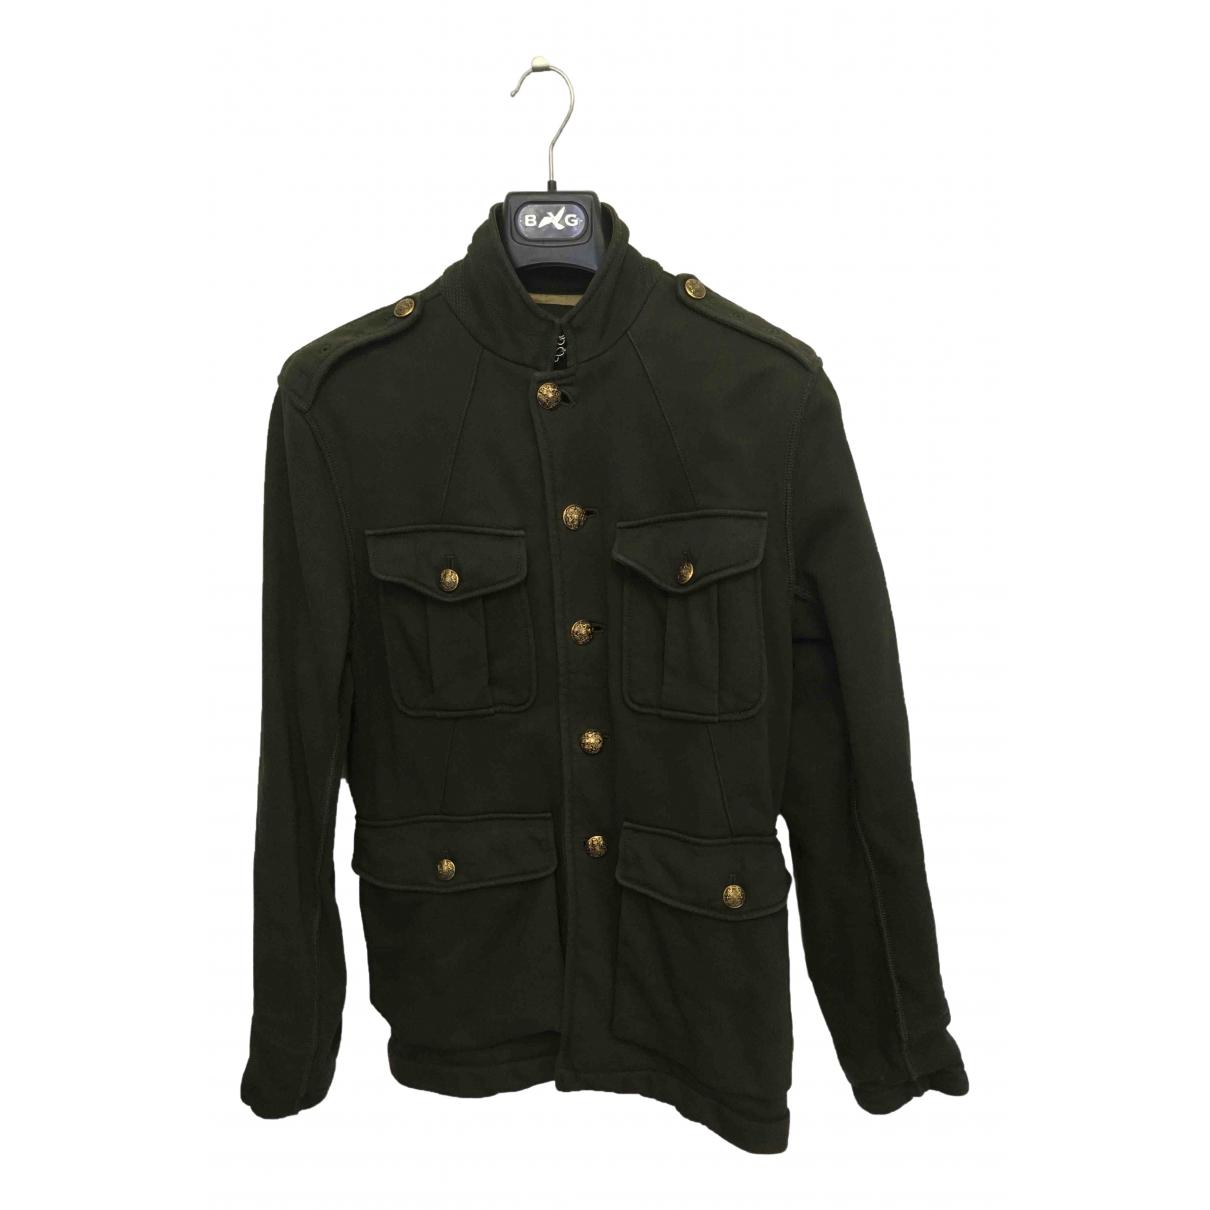 Polo Ralph Lauren \N Jacke in  Gruen Baumwolle